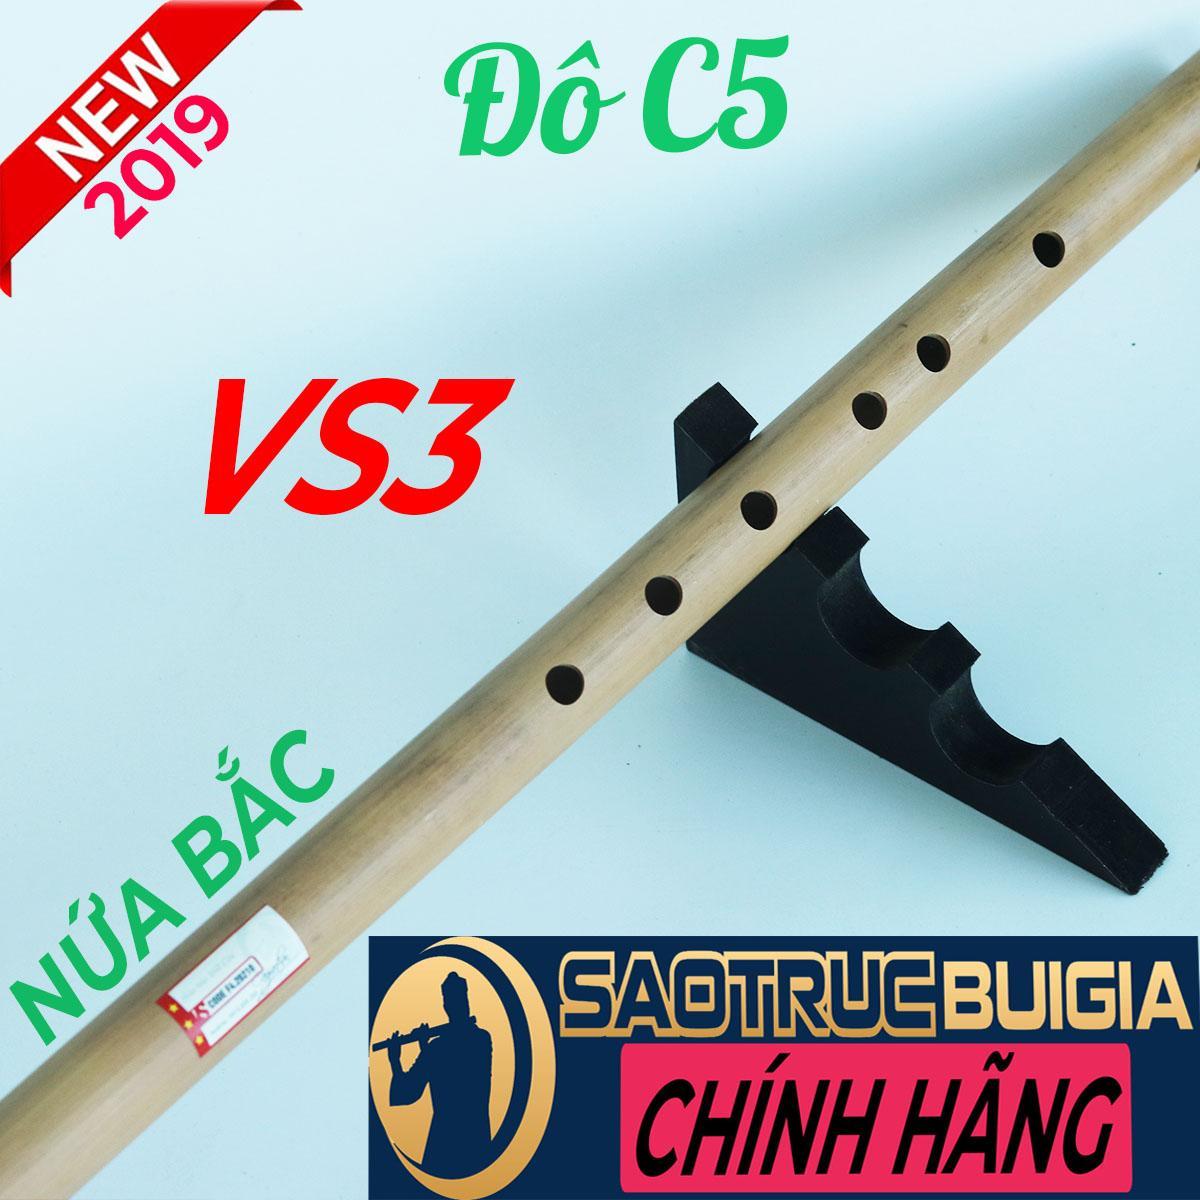 Sáo trúc Đô (C5) VS3 NỨA BẮC - Sáo trúc Bùi Gia - Dòng Cao Cấp - Cây sáo để chơi lâu dài - Tặng sách học sáo